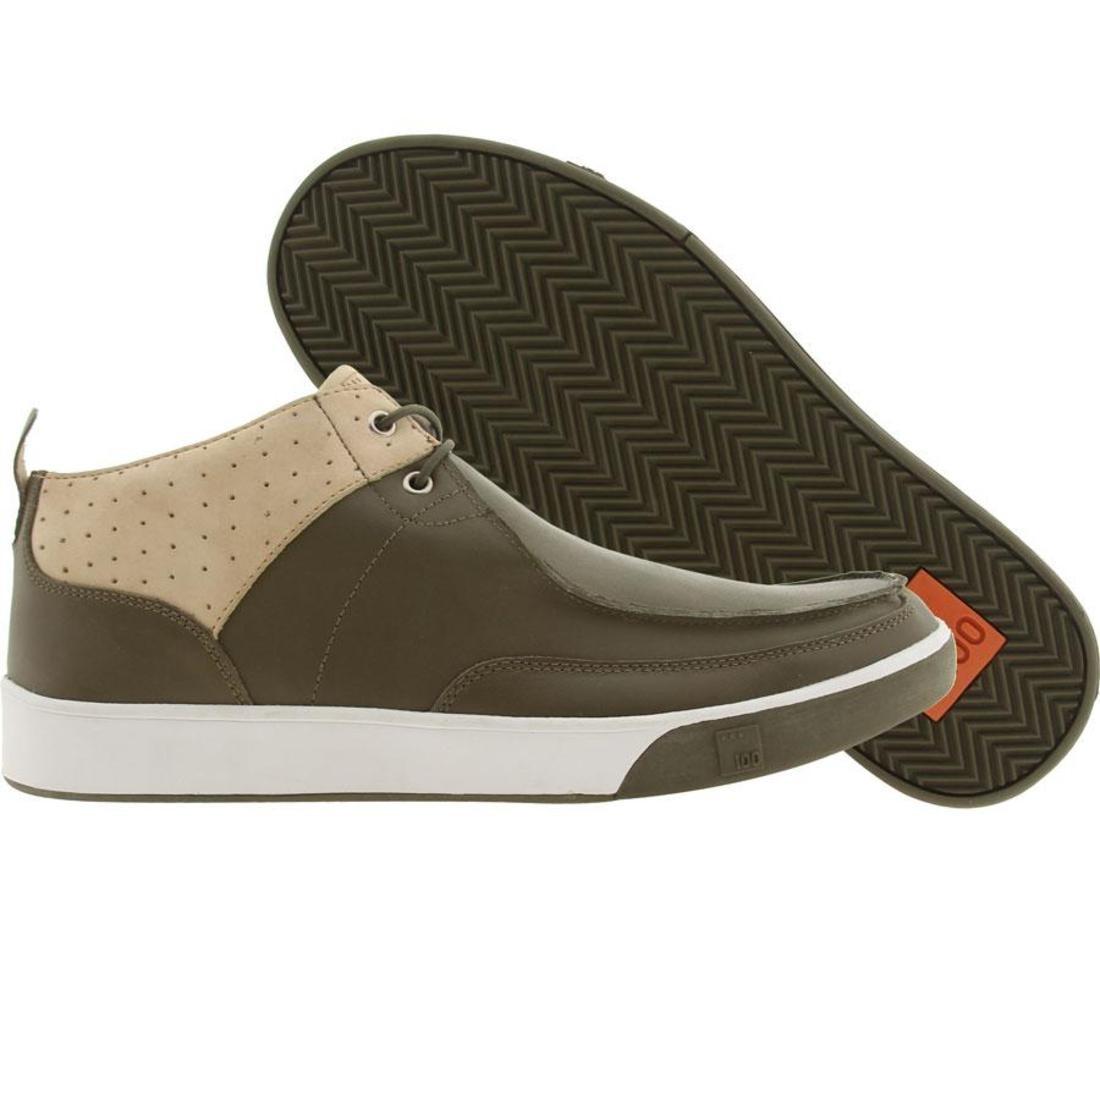 【海外限定】チェイス メンズ靴 靴 【 100 STYLES AND RUNNING CHASE BURNT OLIVE 】